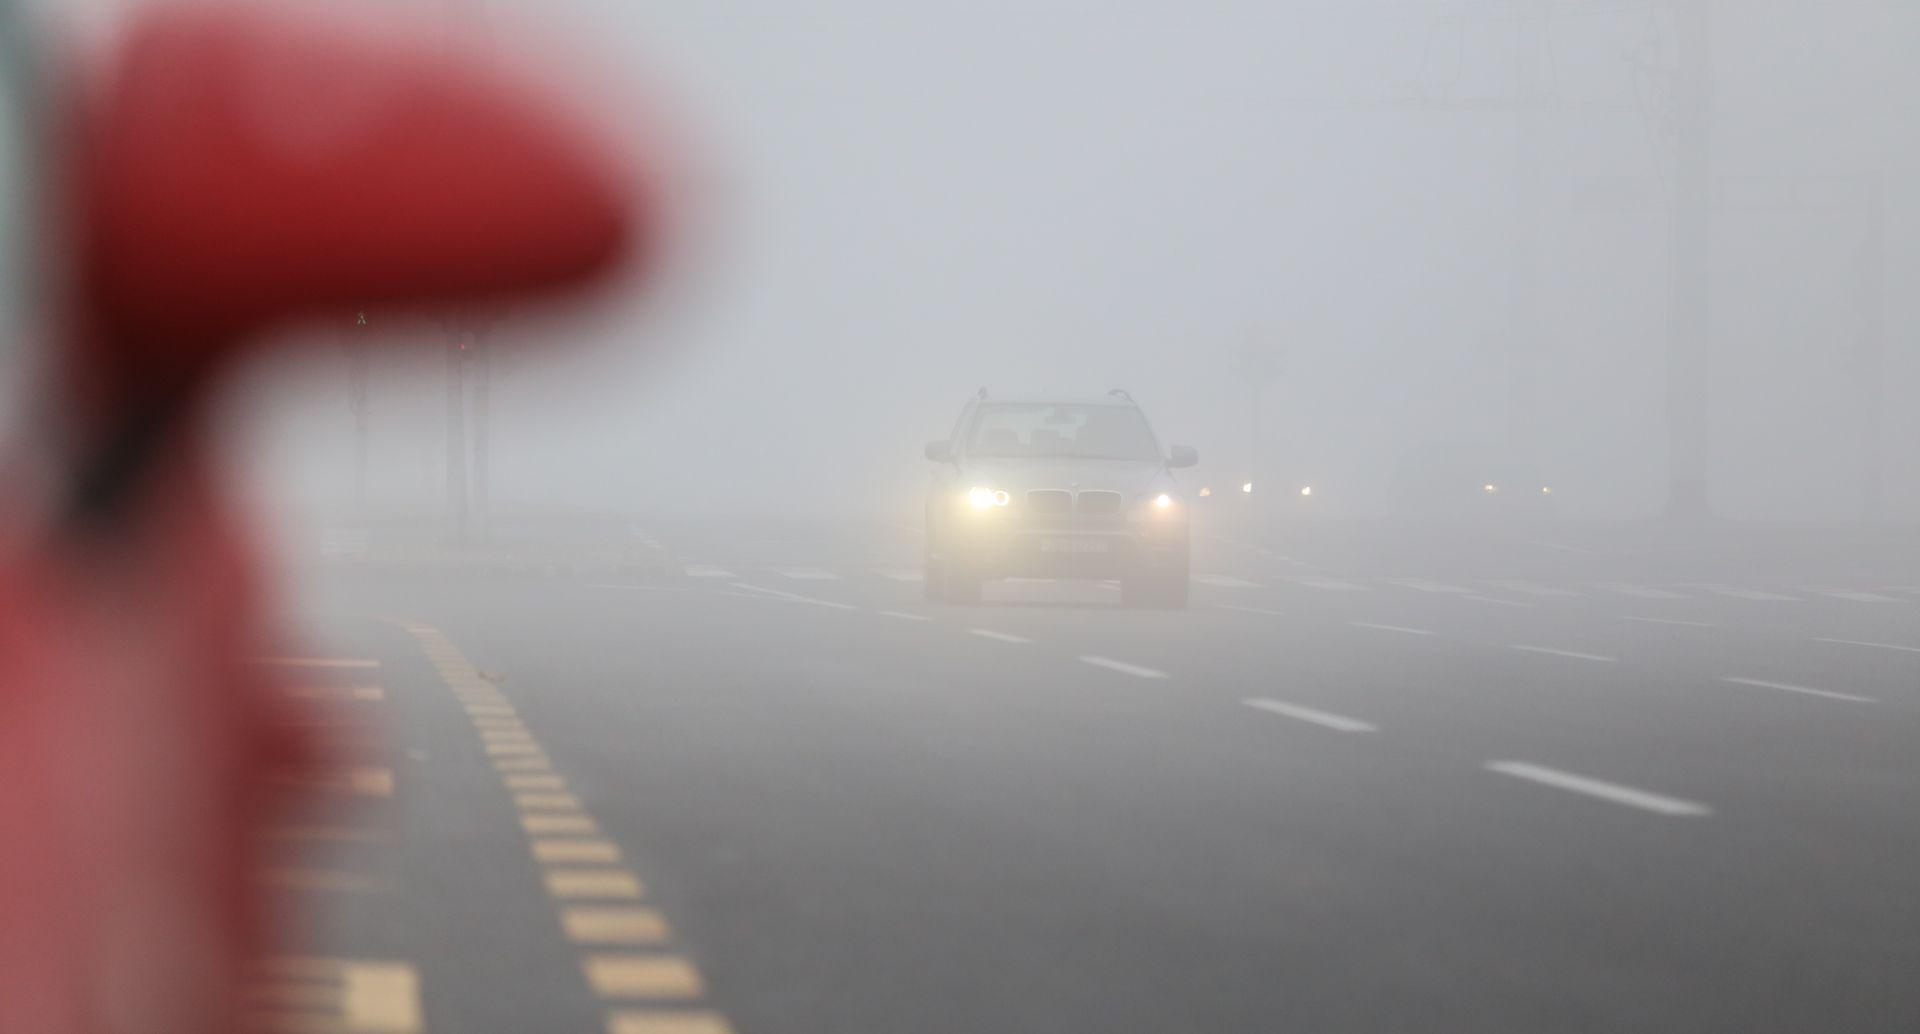 HAK Magla smanjuje vidljivost, kolnici mokri